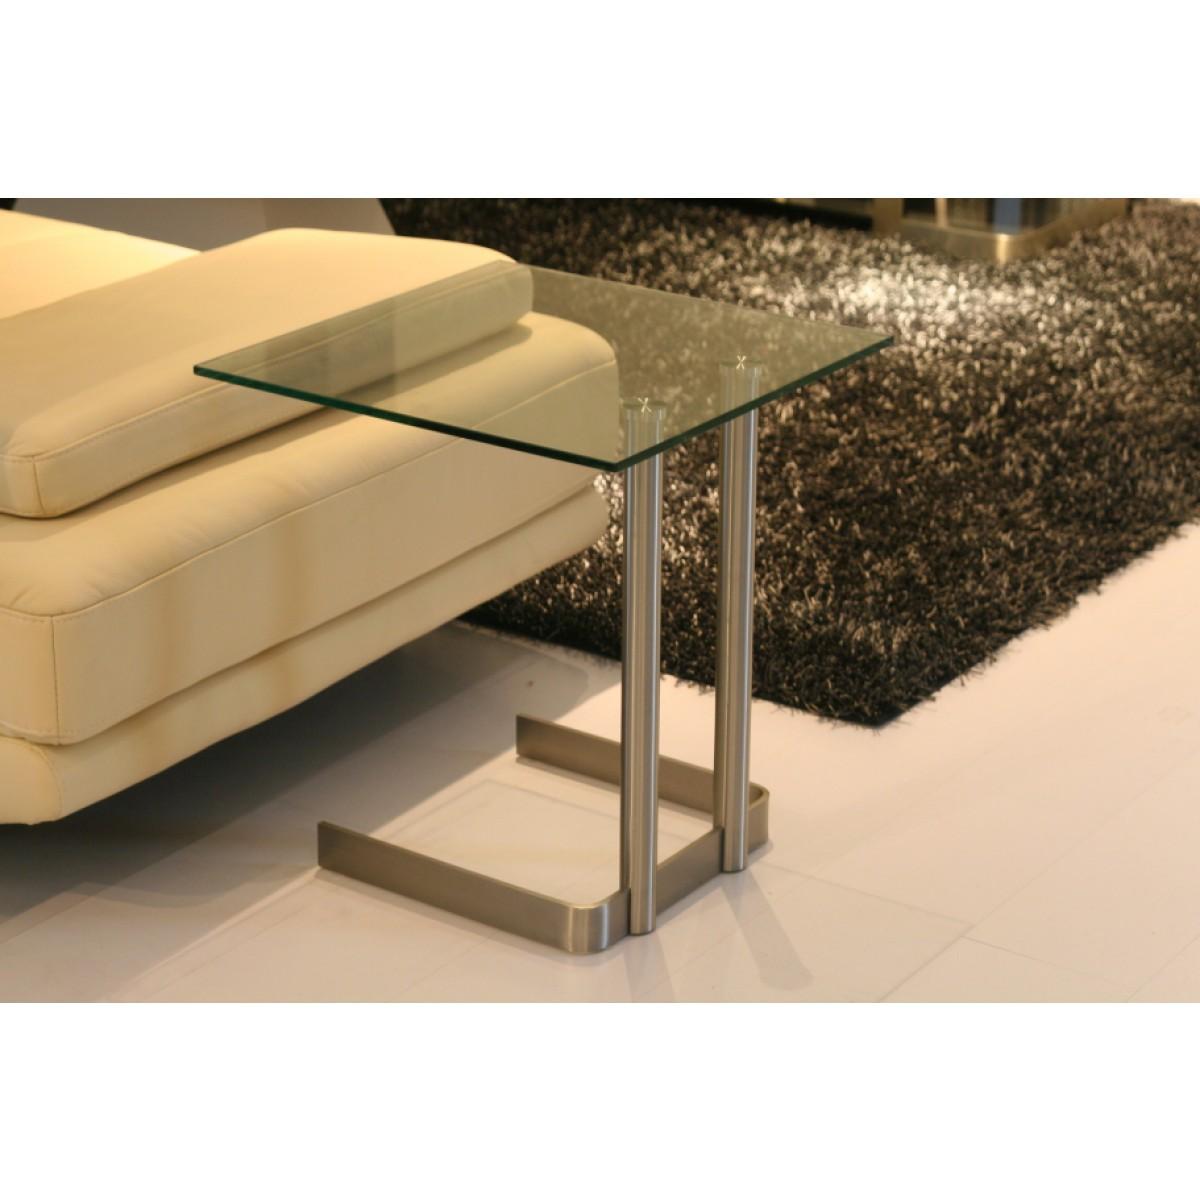 beistelltisch glas edelstahl beistelltisch glasplatte metallgestell beistelltische. Black Bedroom Furniture Sets. Home Design Ideas